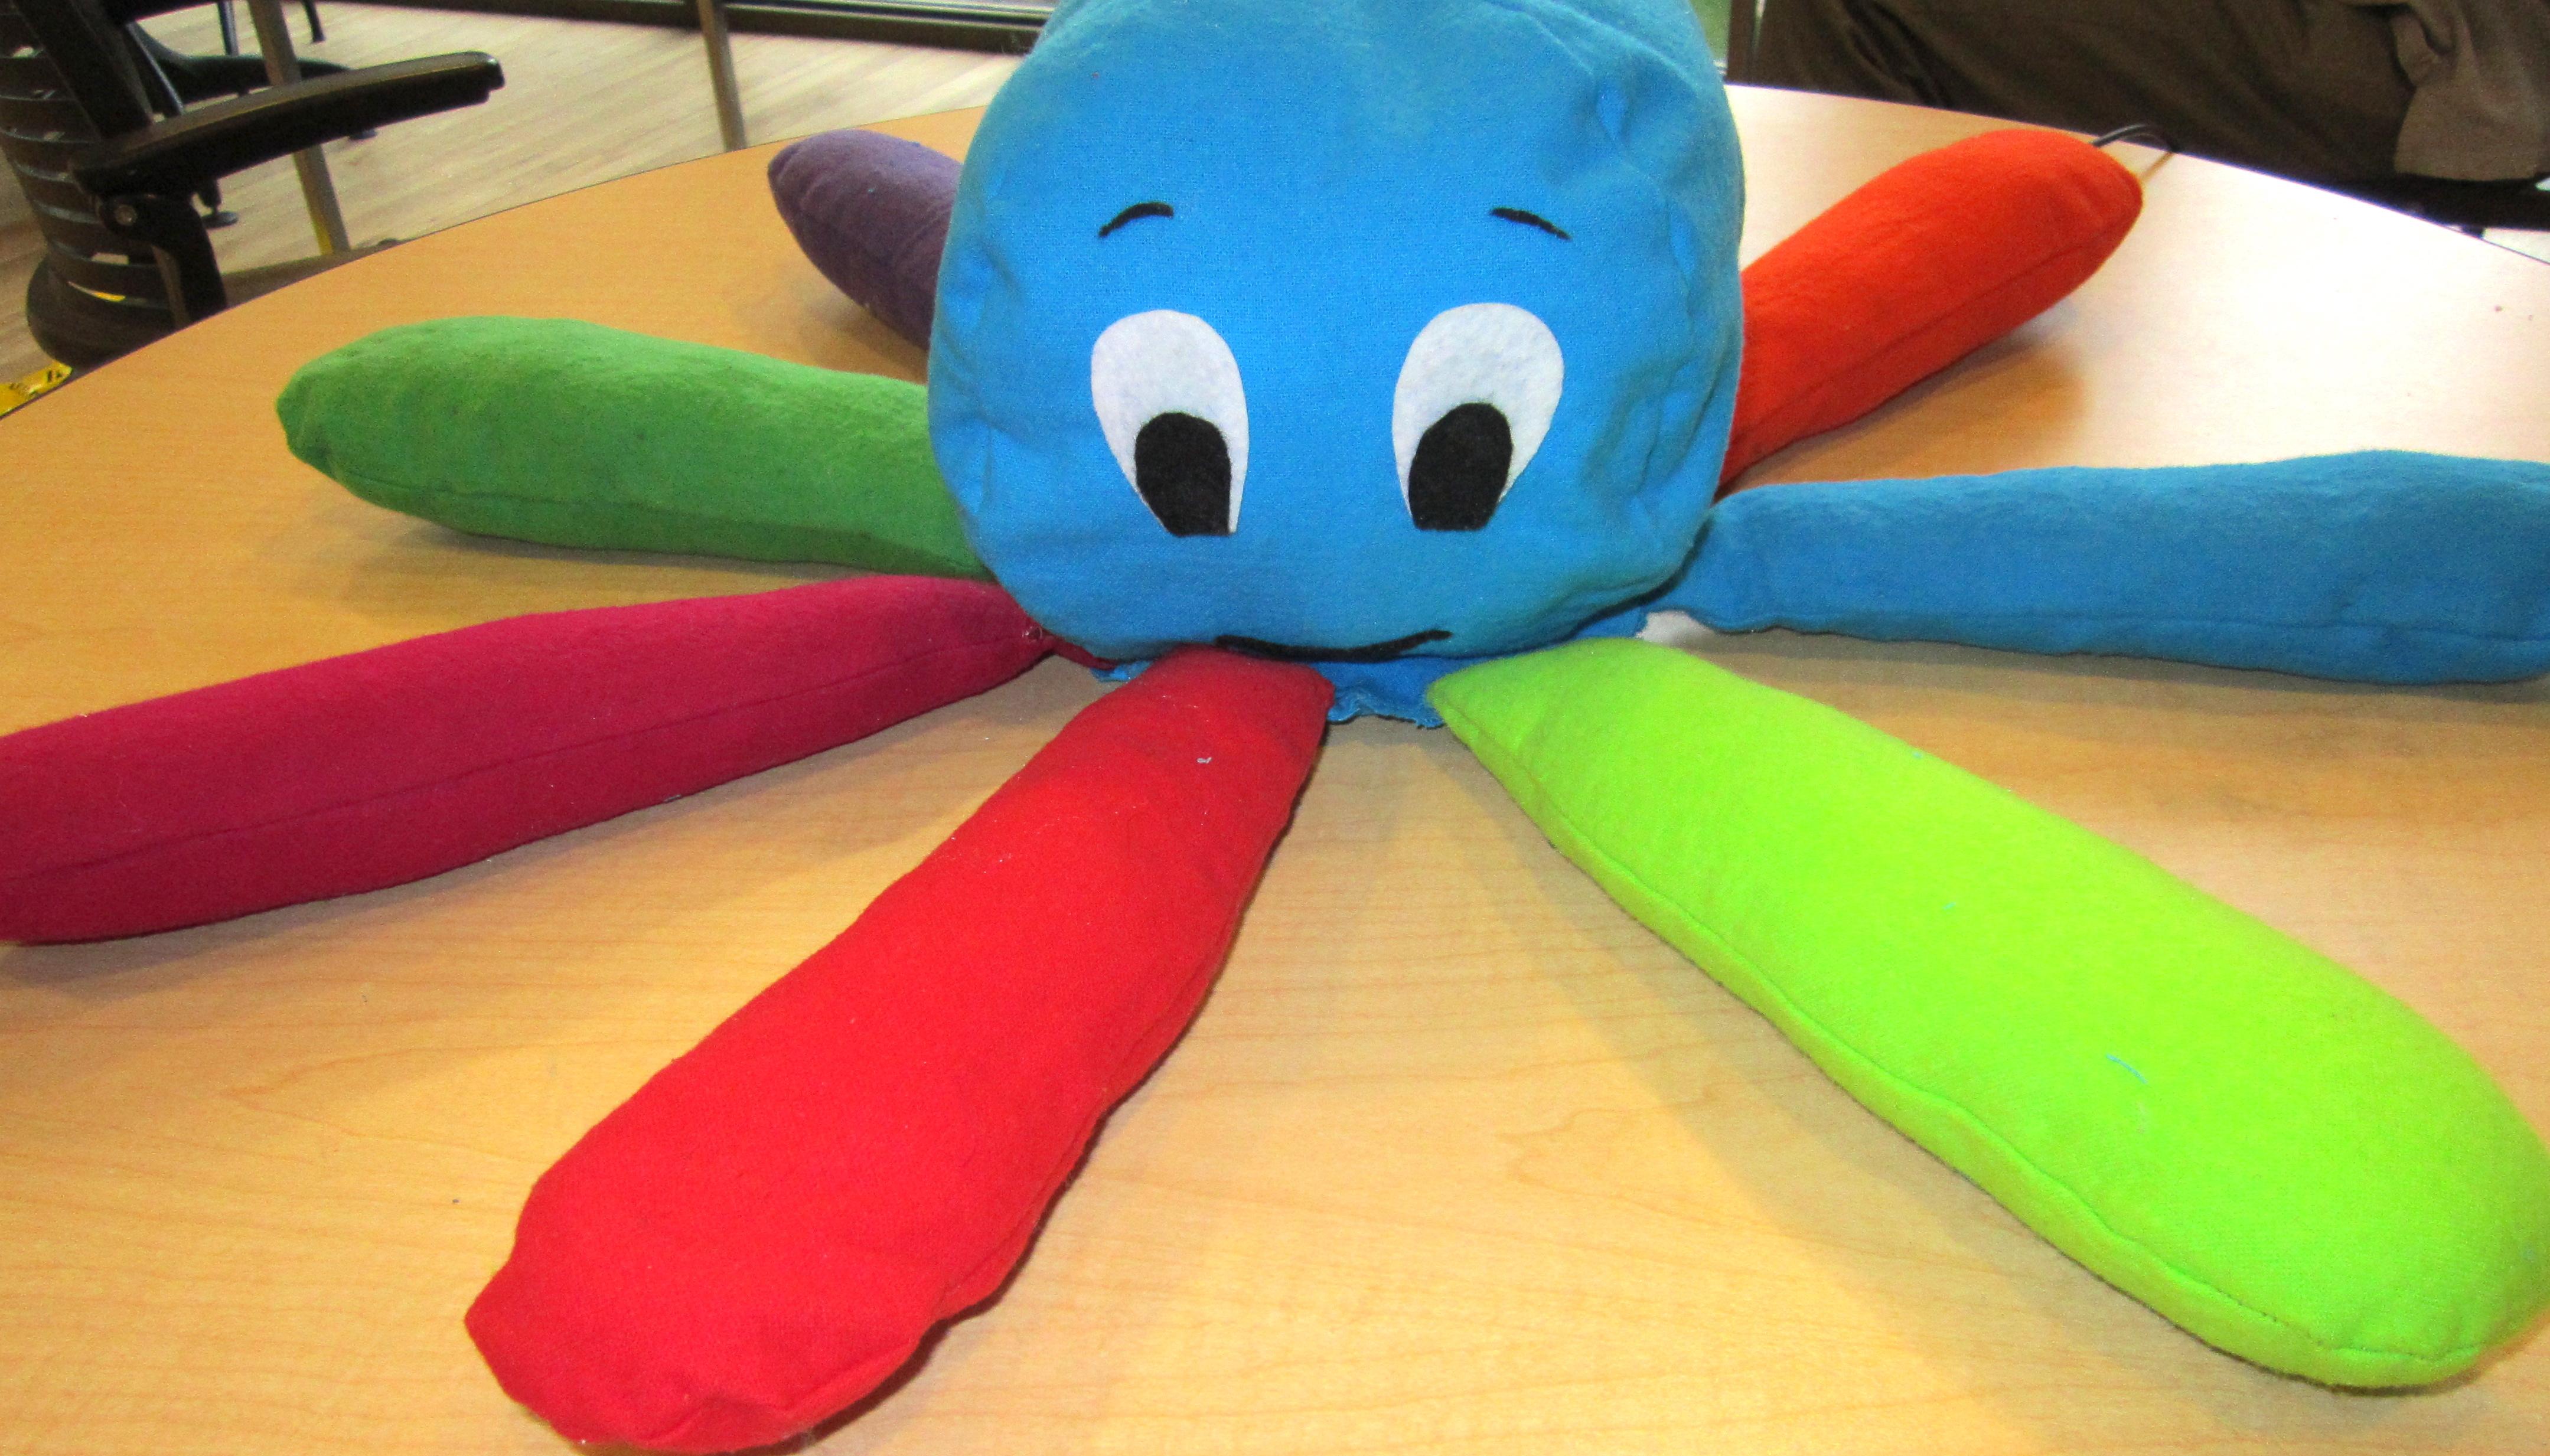 Simon the Octopus